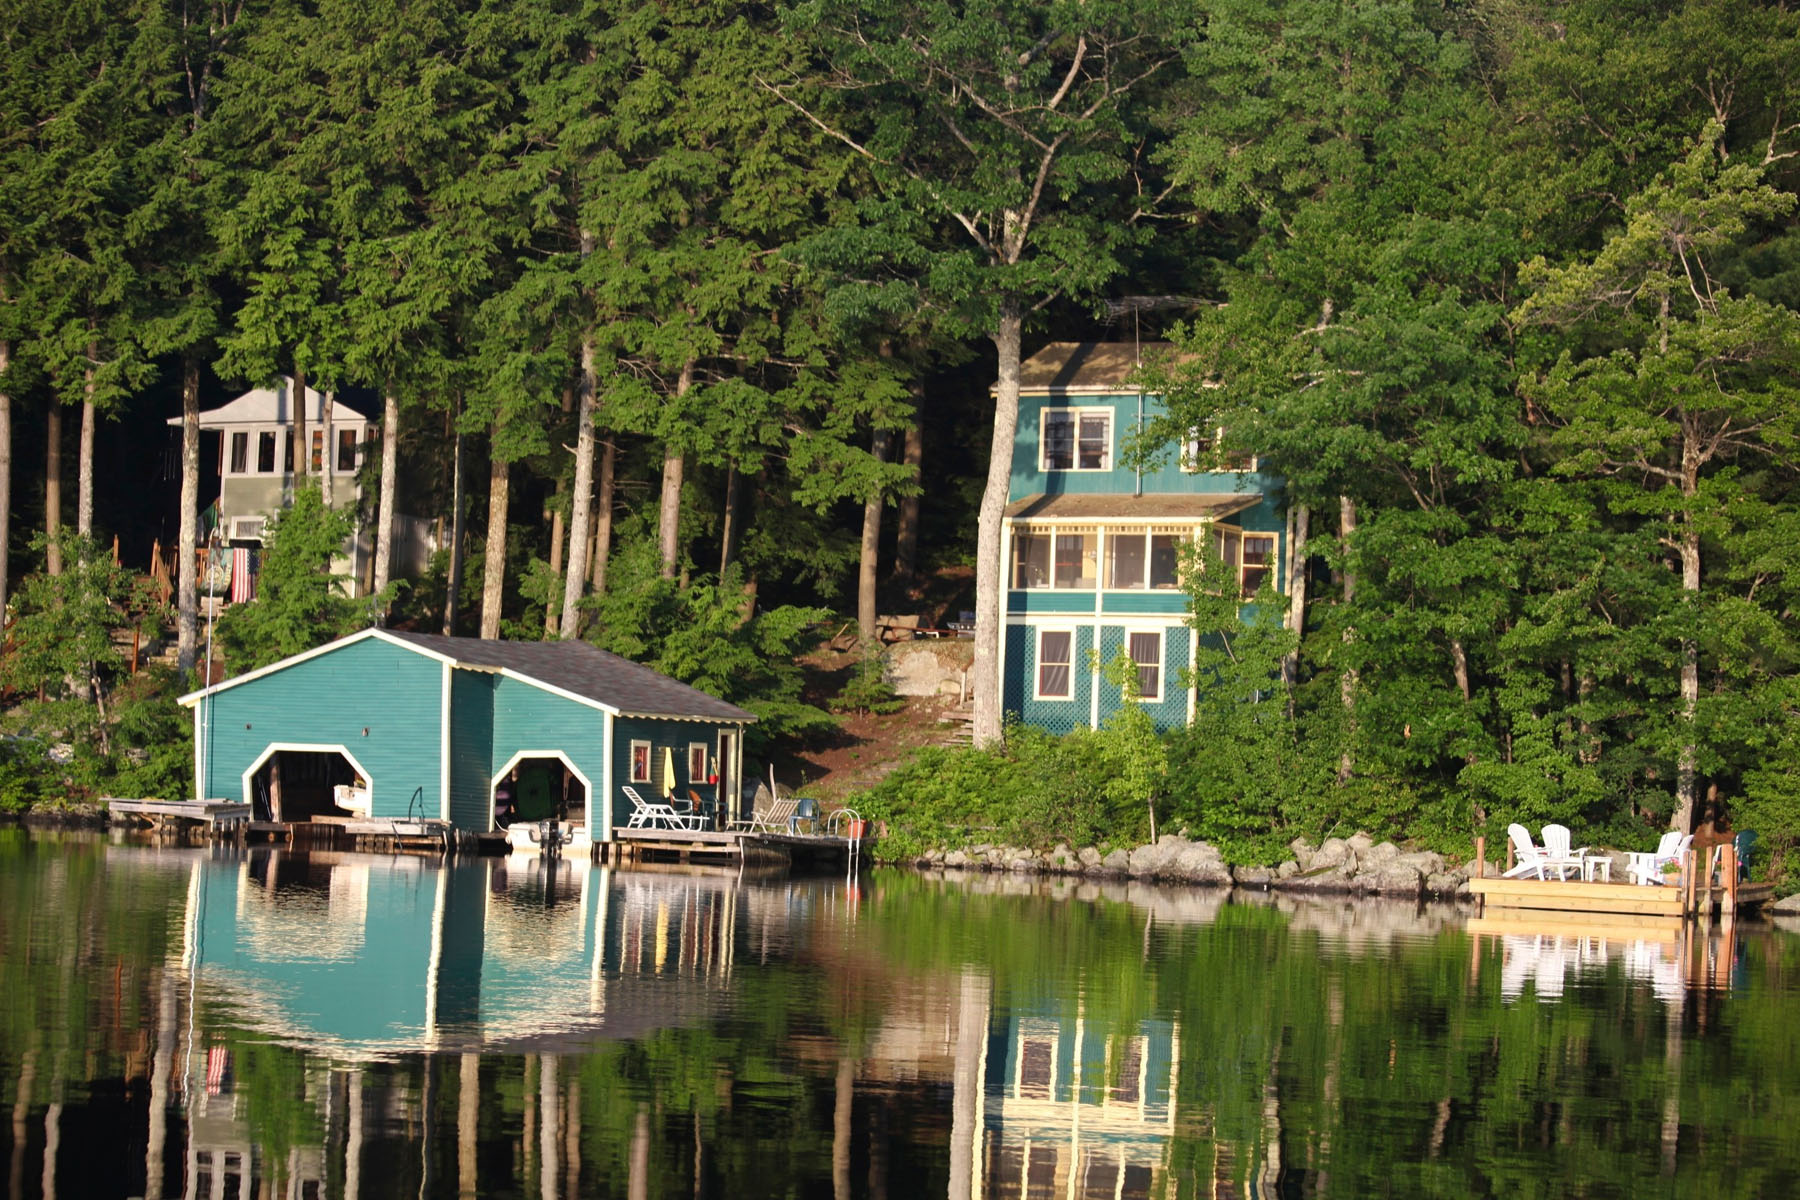 Einfamilienhaus für Verkauf beim Charming 3 Bedroom Bungalow 191 Bay Point Rd Newbury, New Hampshire 03255 Vereinigte Staaten